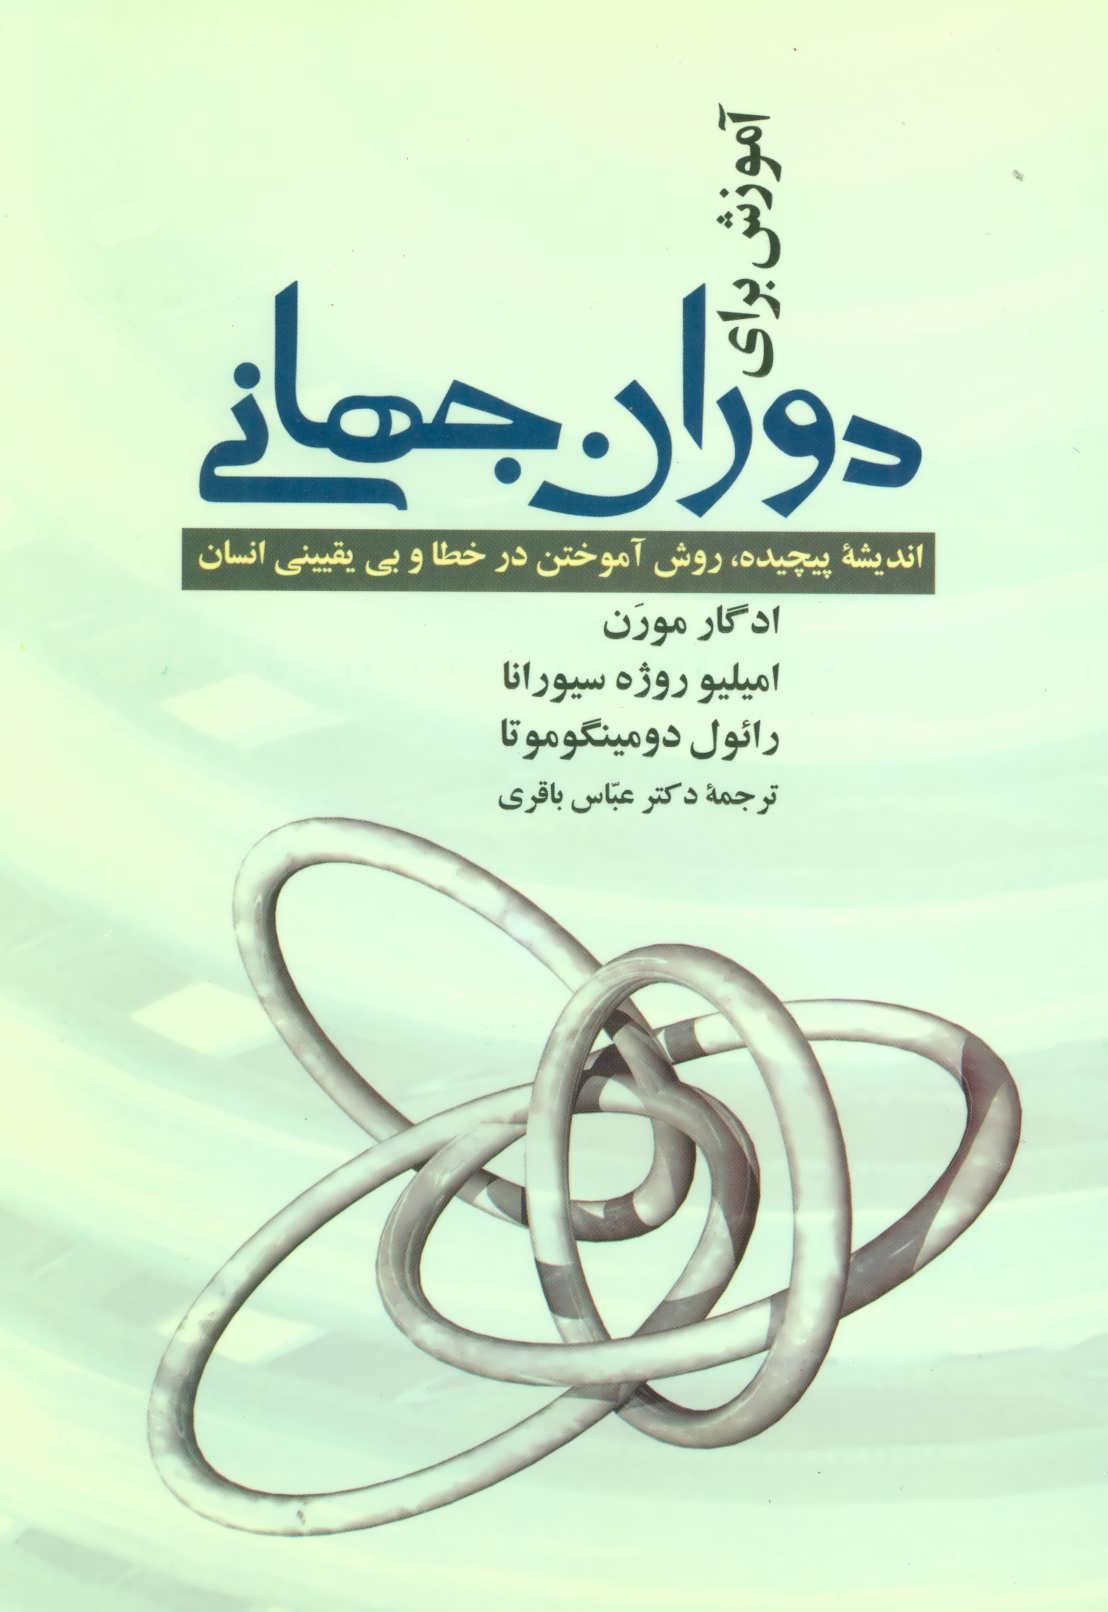 کتاب آموزش برای دوران جهانی